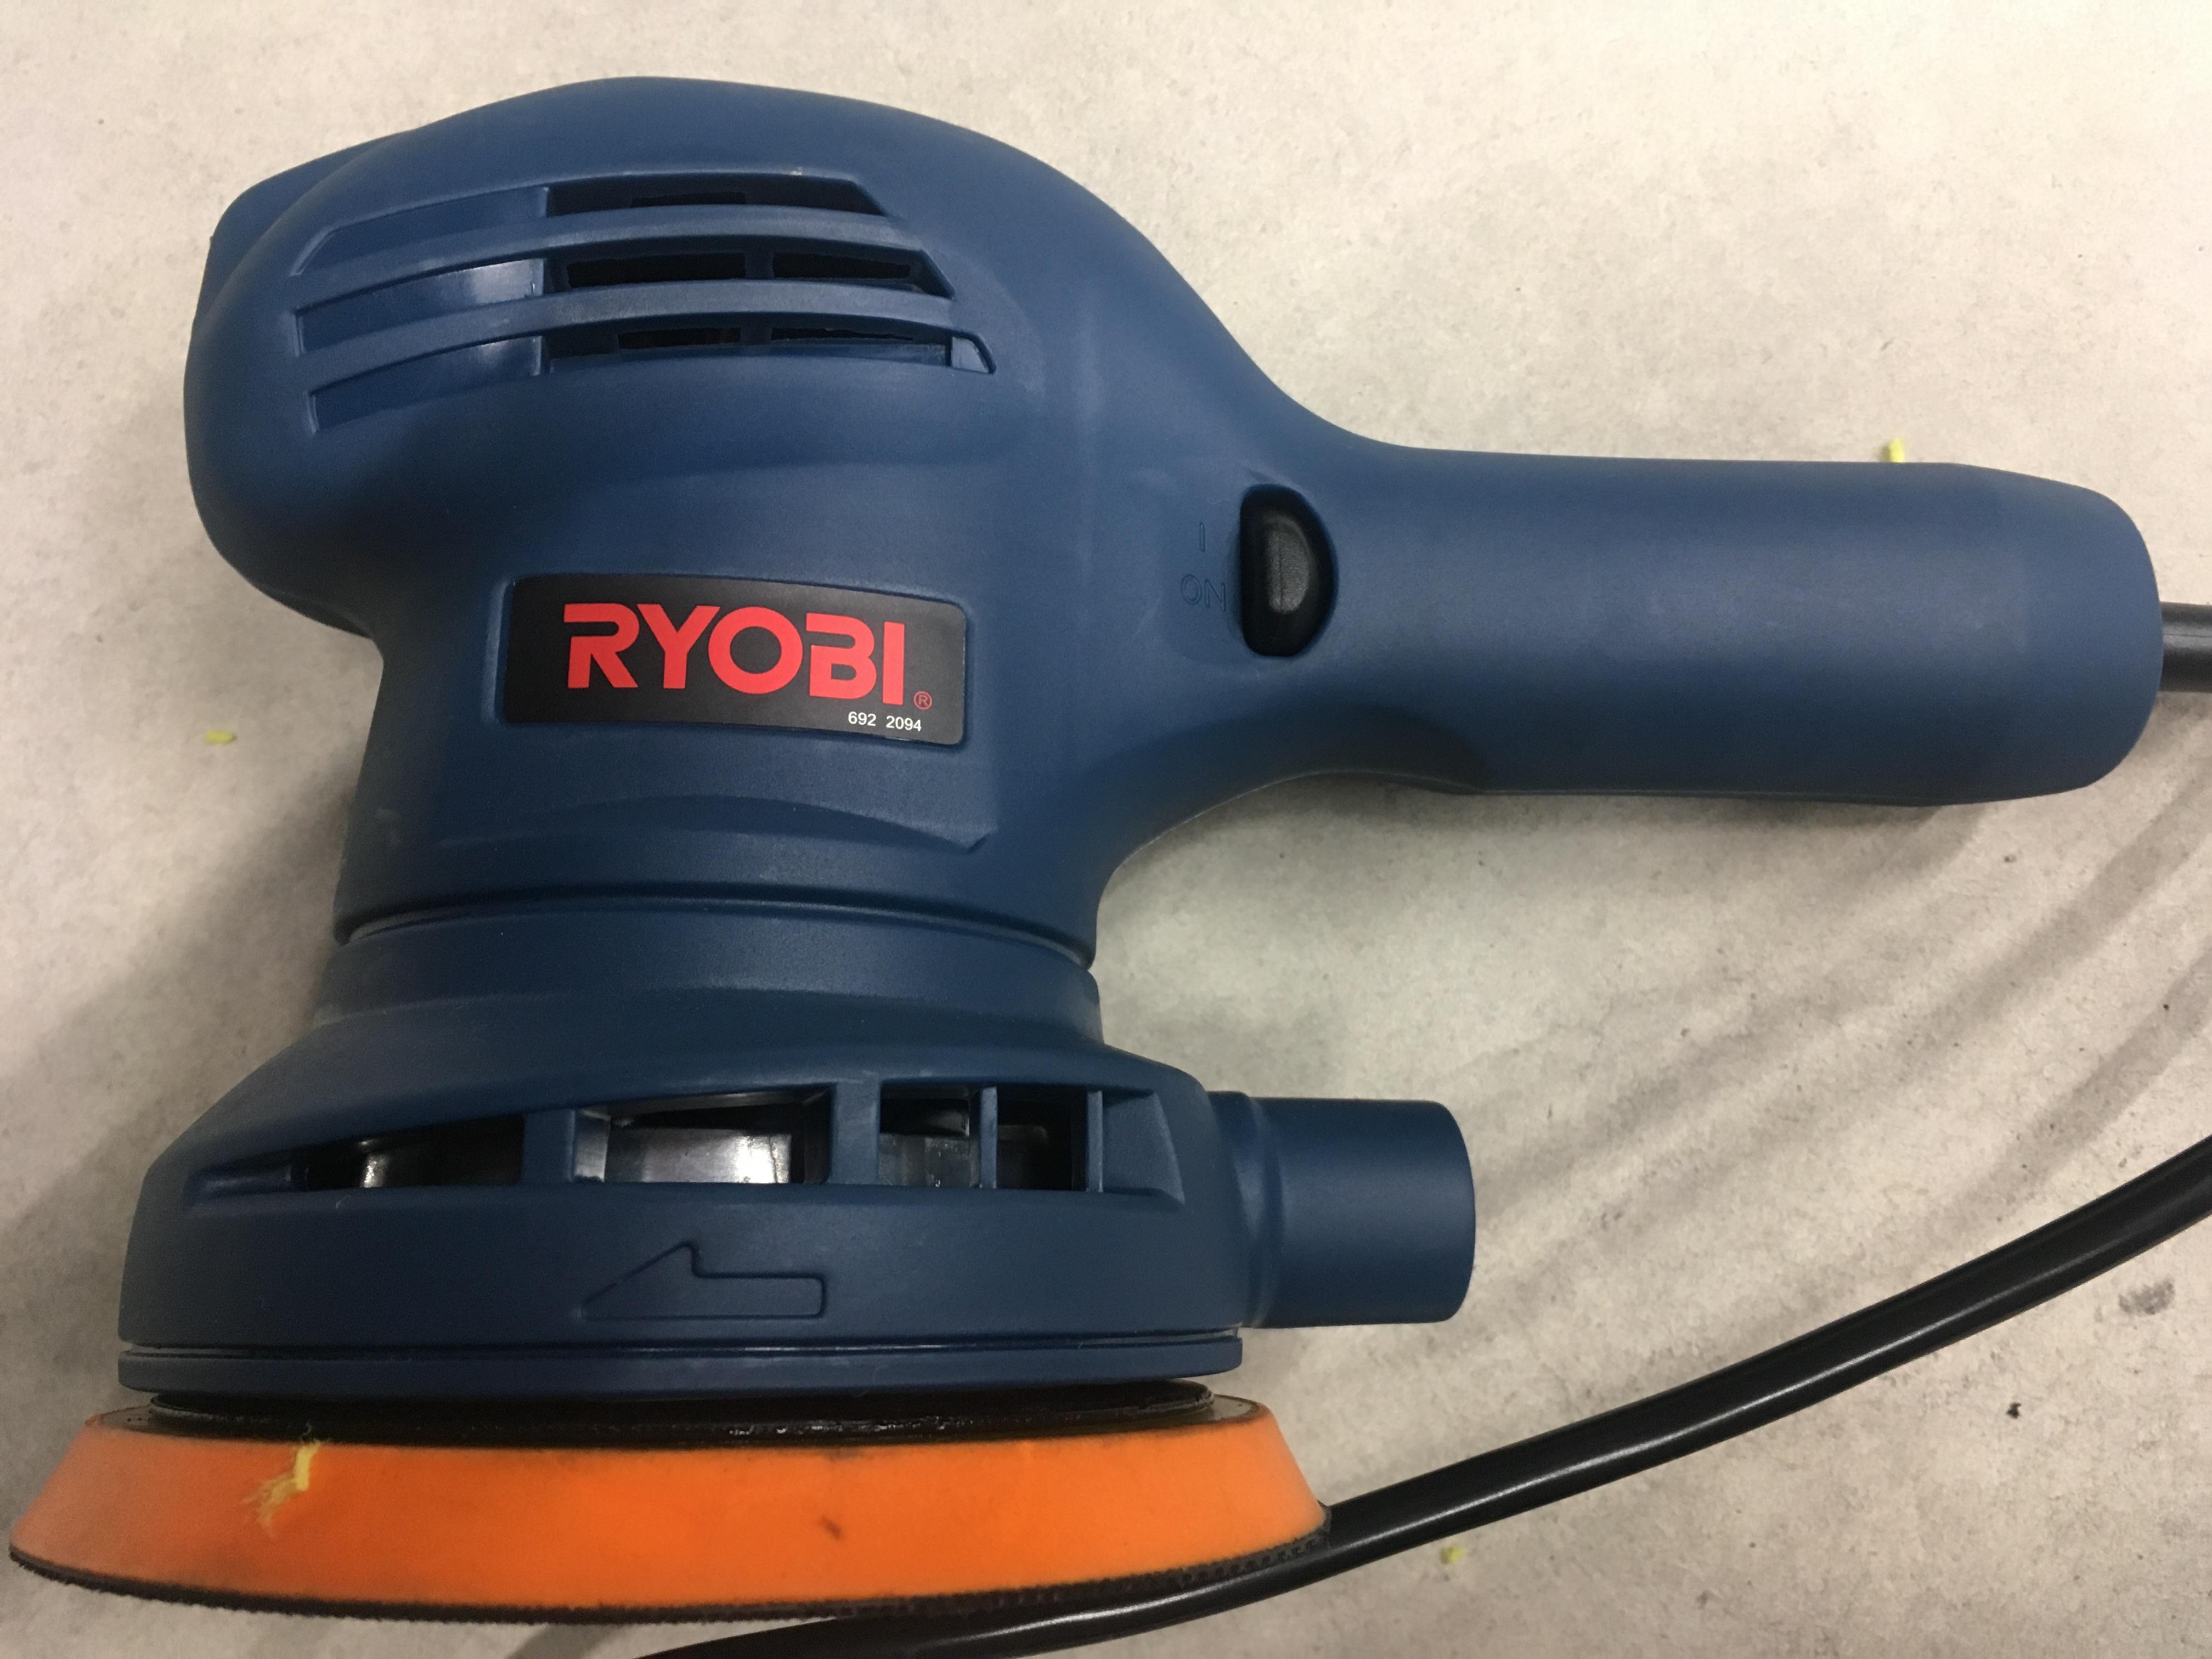 車のDIYをしたい初心者におすすめ!RYOBI(リョービ)  RSE-1250 改造方法も記載あり | 洗車ウォーカー